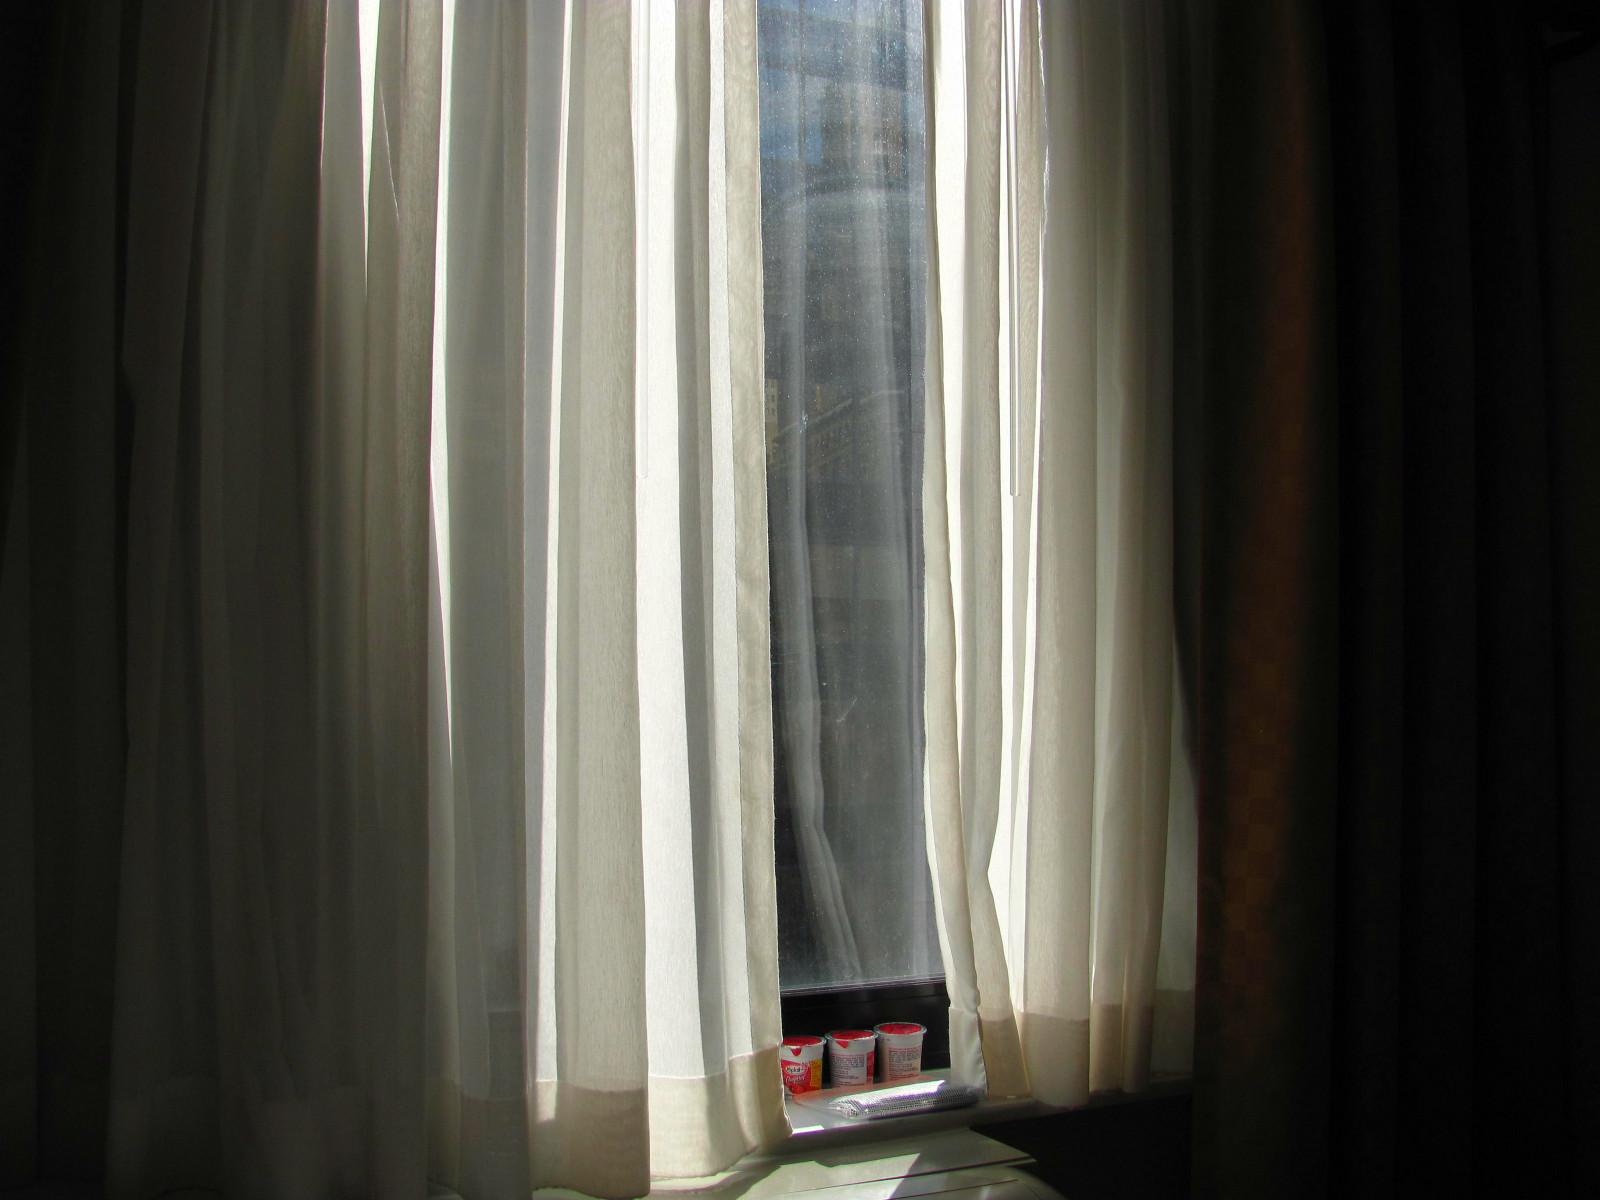 Hintergrundbilder : Fenster, Zimmer, Betrachtung, Hotel, Glas ...